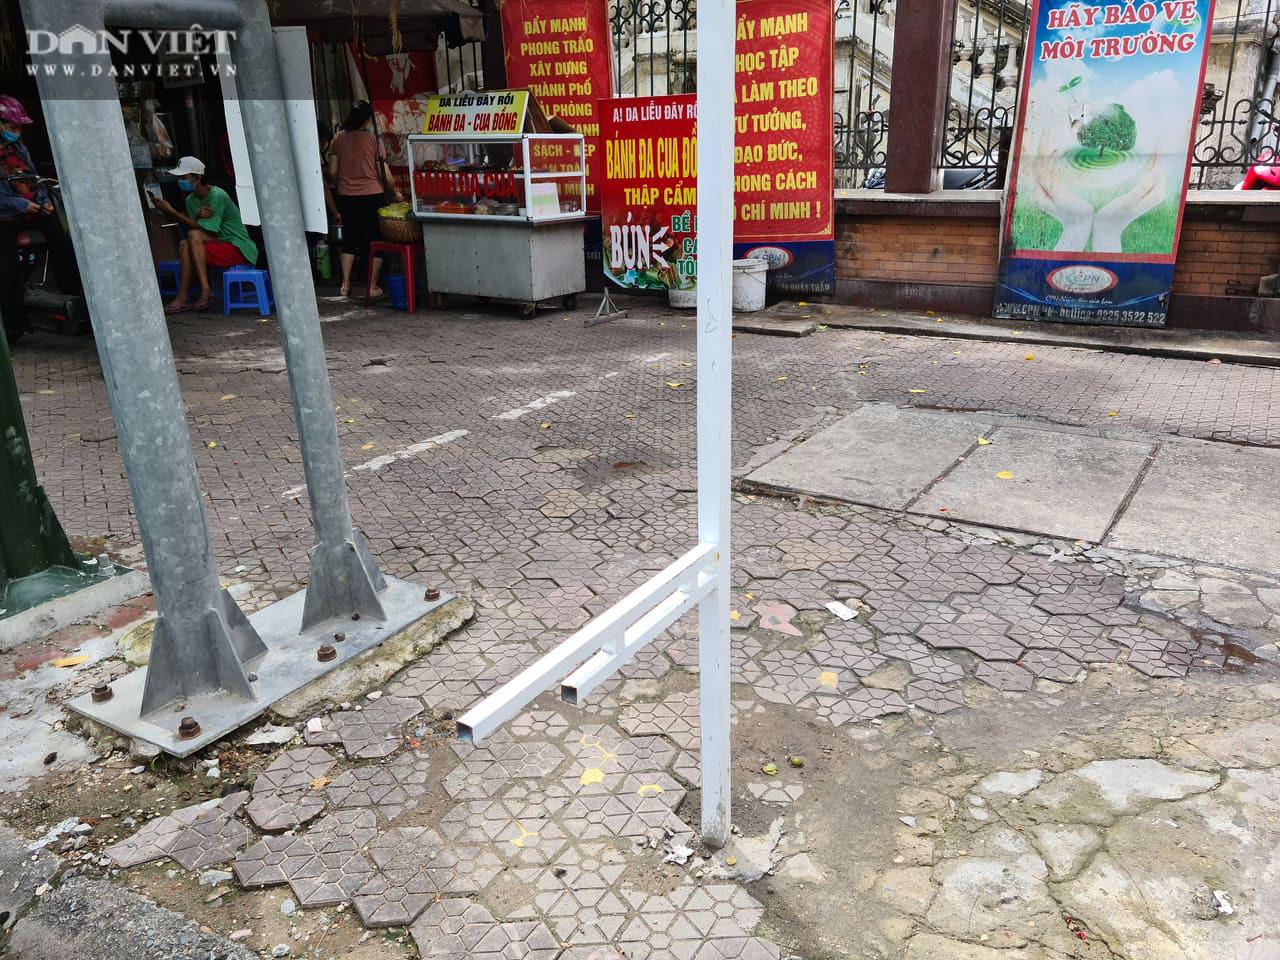 Hải Phòng: Yêu cầu xác minh, làm rõ việc cọc sắt chôn dày đặc trên phố gây nguy hiểm cho người dân - Ảnh 1.